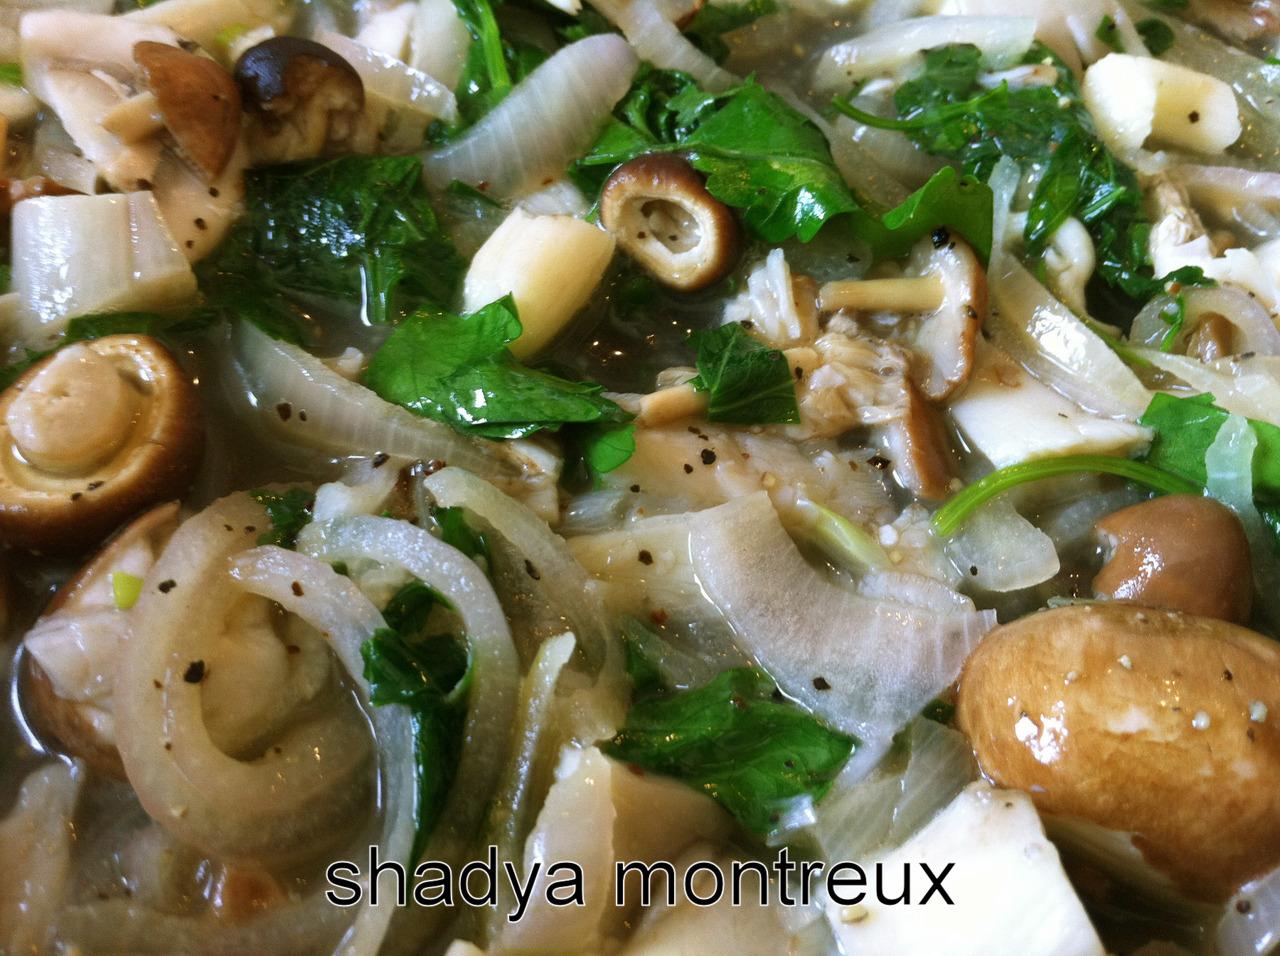 Mon coq moi aime les champignons les chefs mes h ros ma petite cuisine - Cuisson oeuf a la coq ...